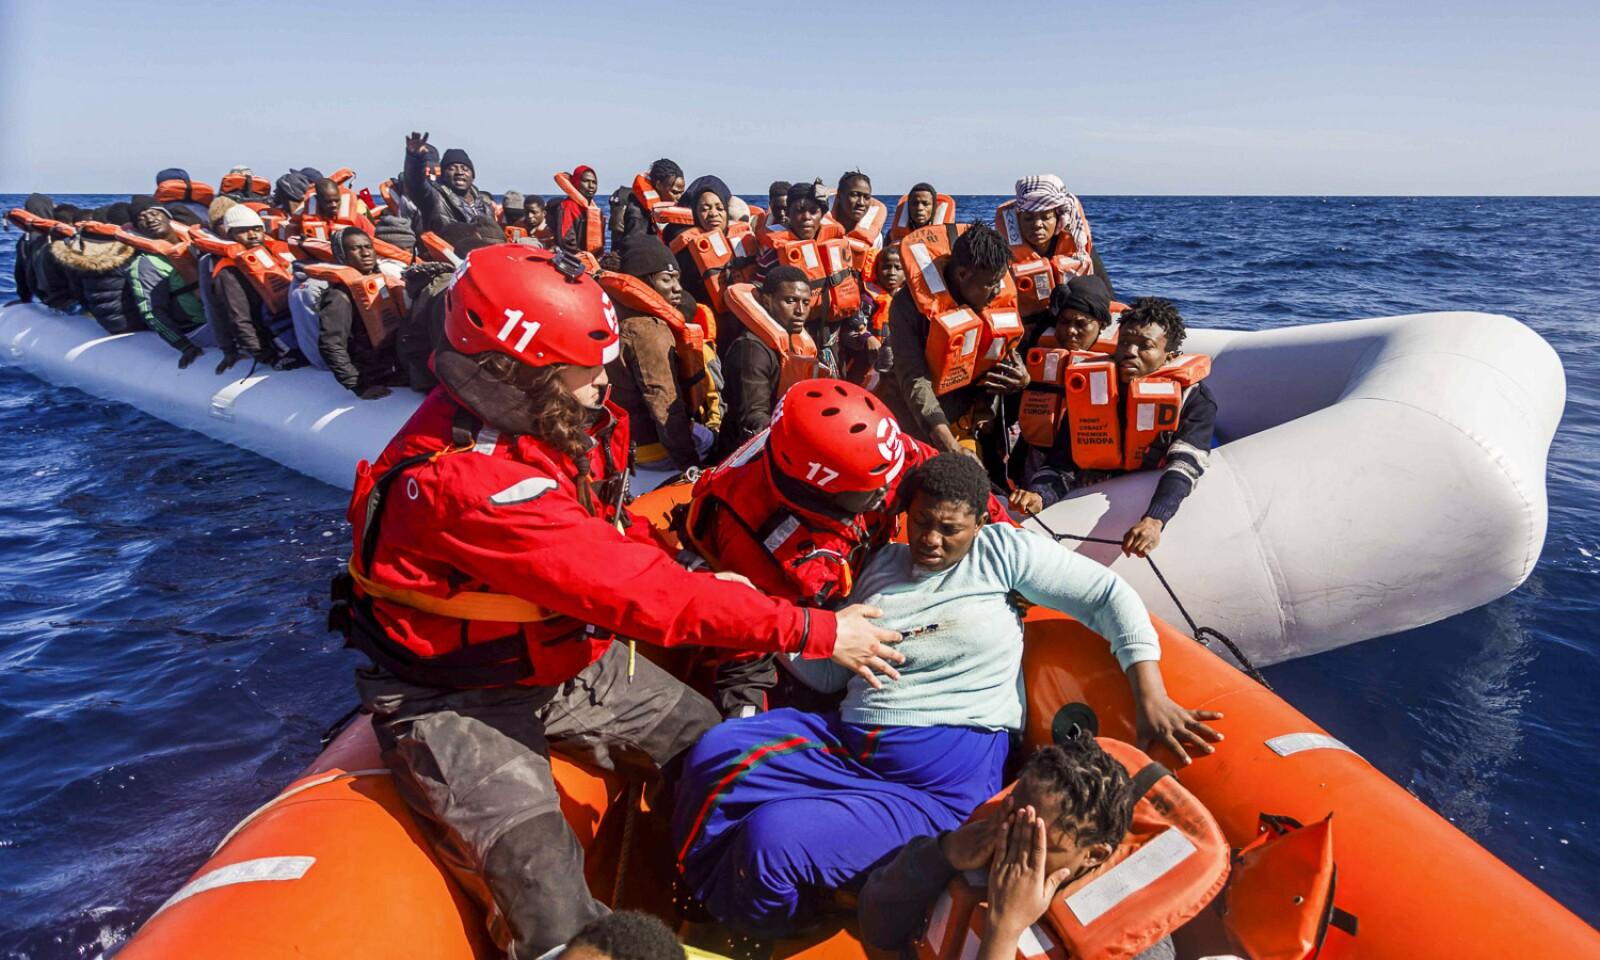 LIBYA-EU-MIGRANTS-RESCUE